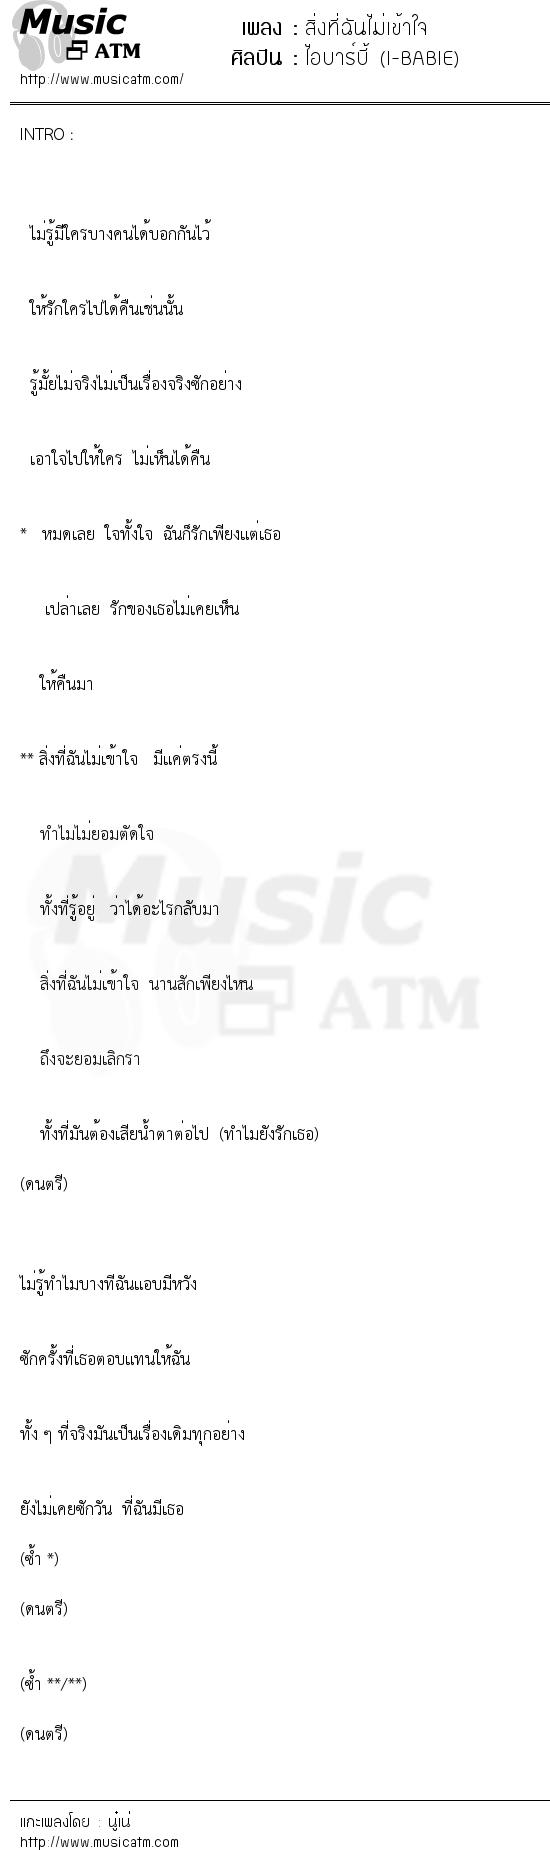 สิ่งที่ฉันไม่เข้าใจ | เพลงไทย